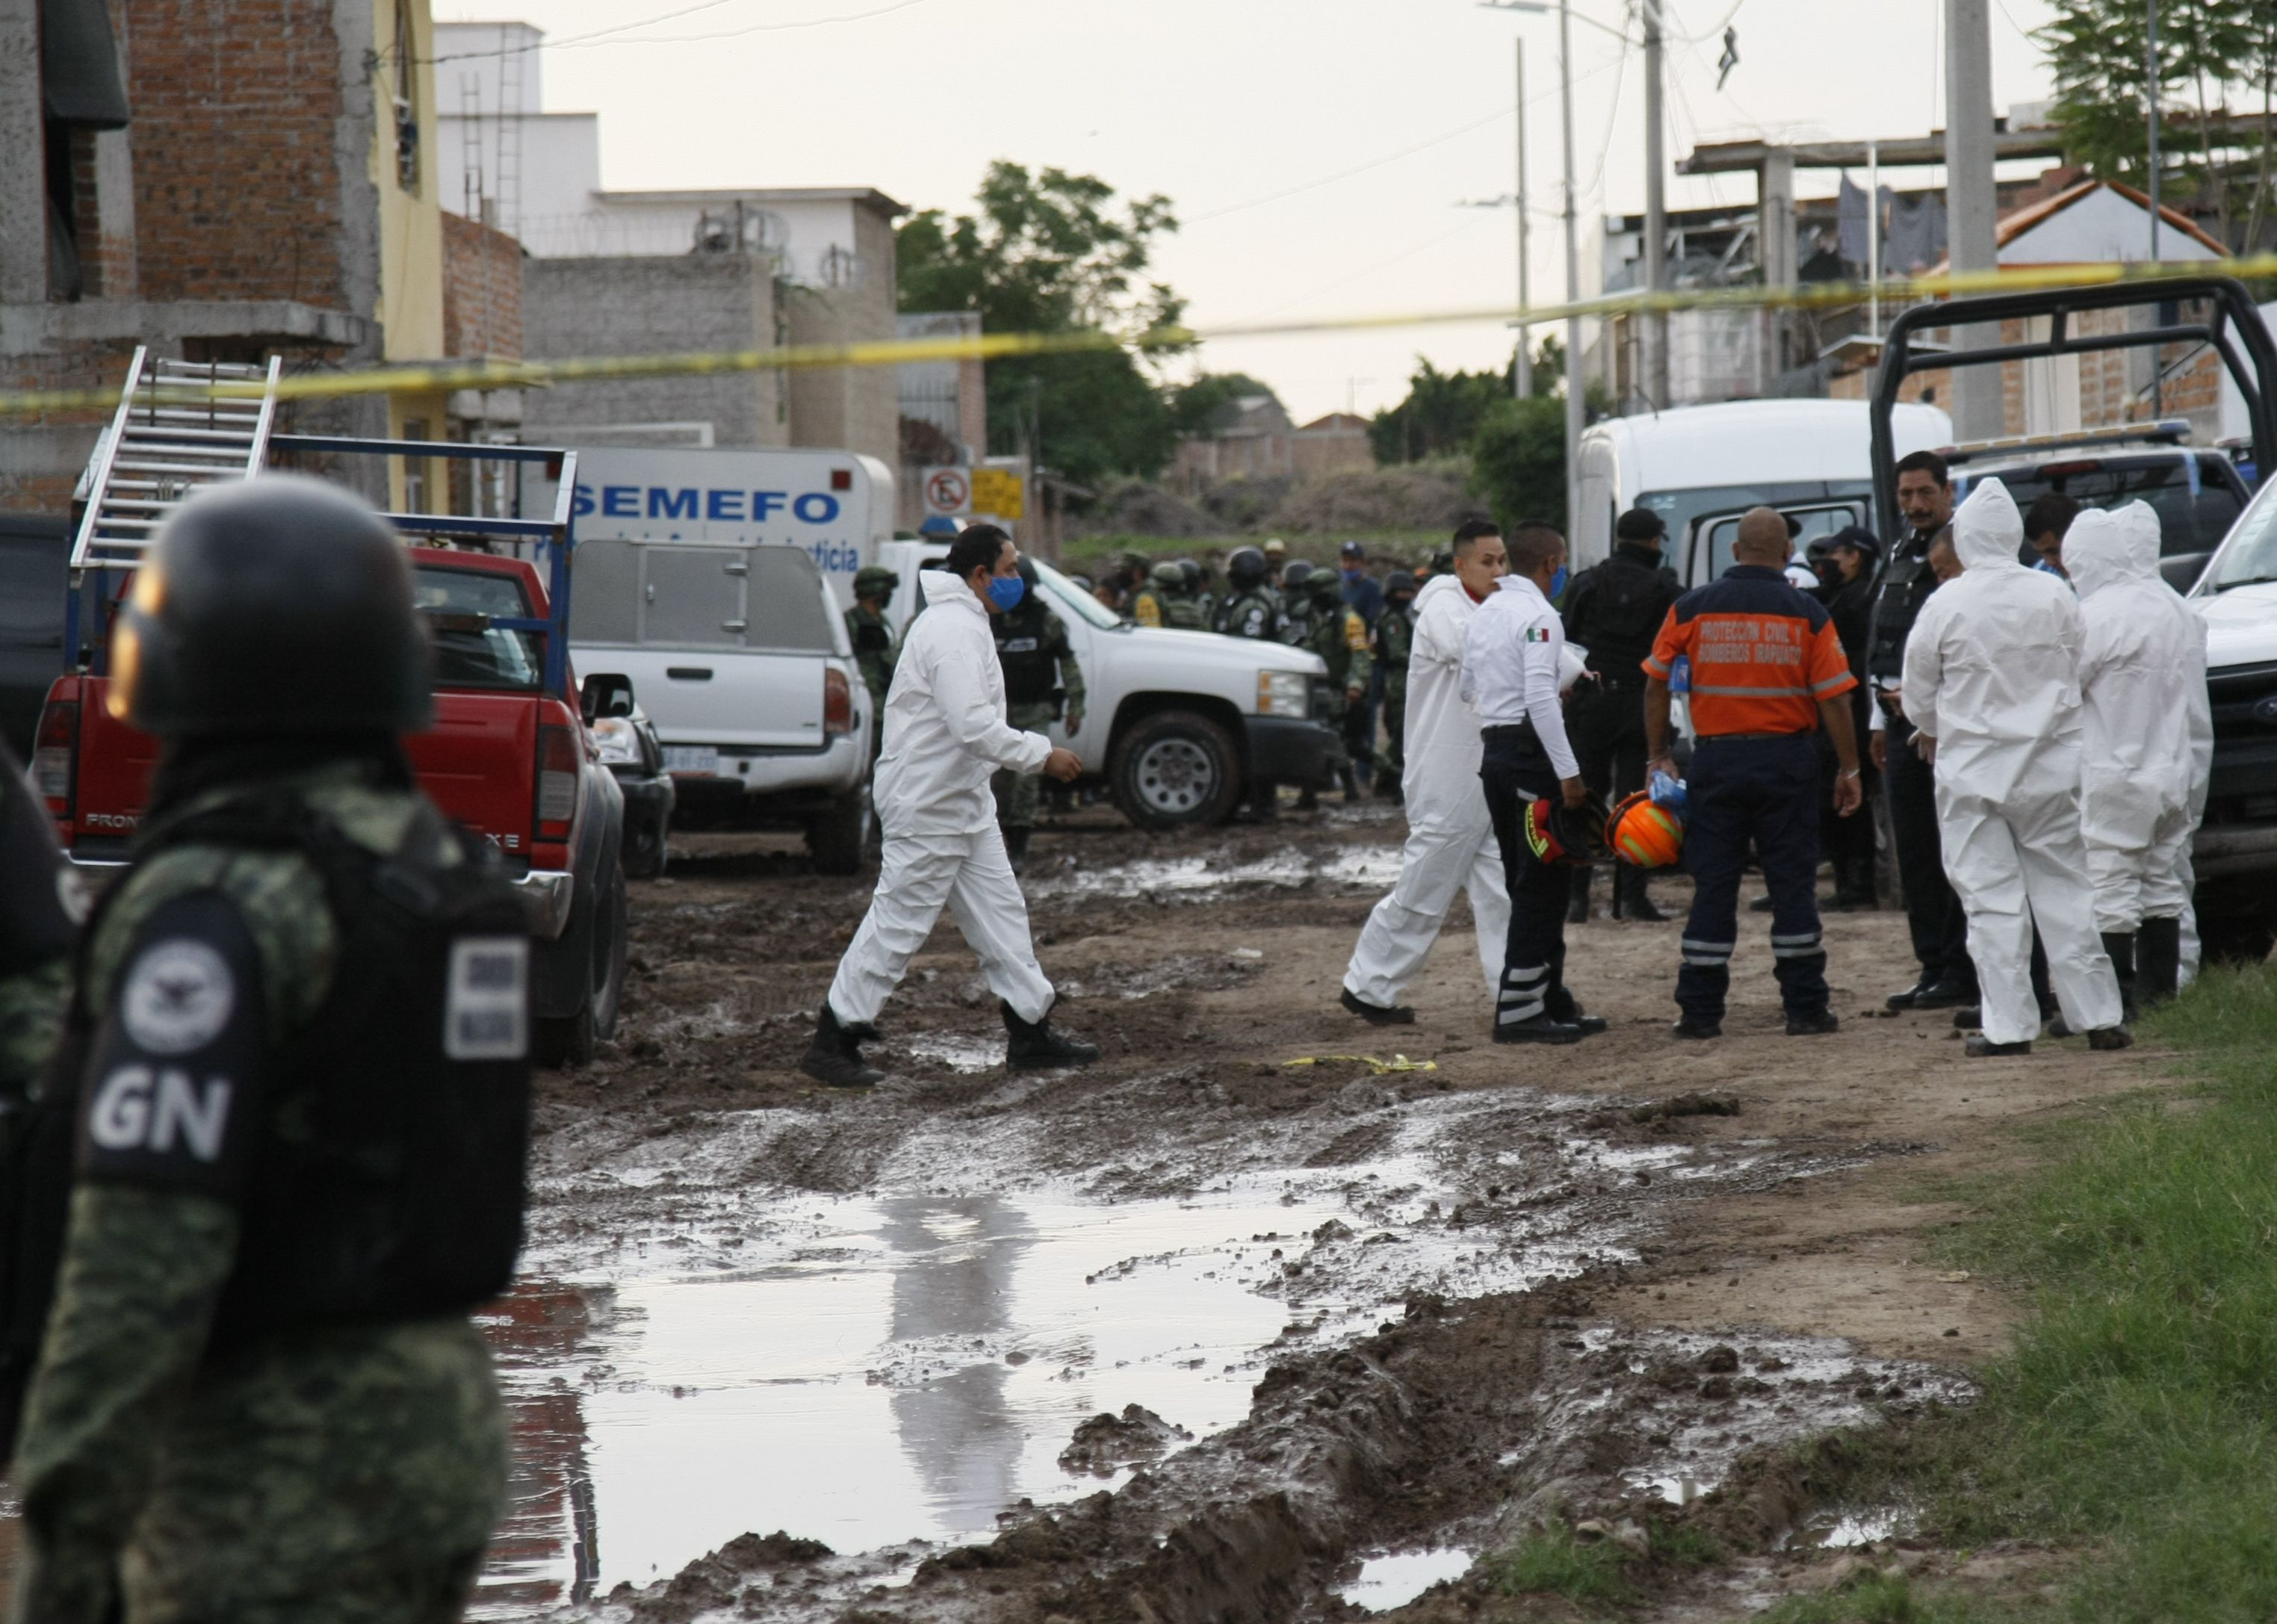 guanajuato - Irapuato - mexico - violence - national guard - 02072020